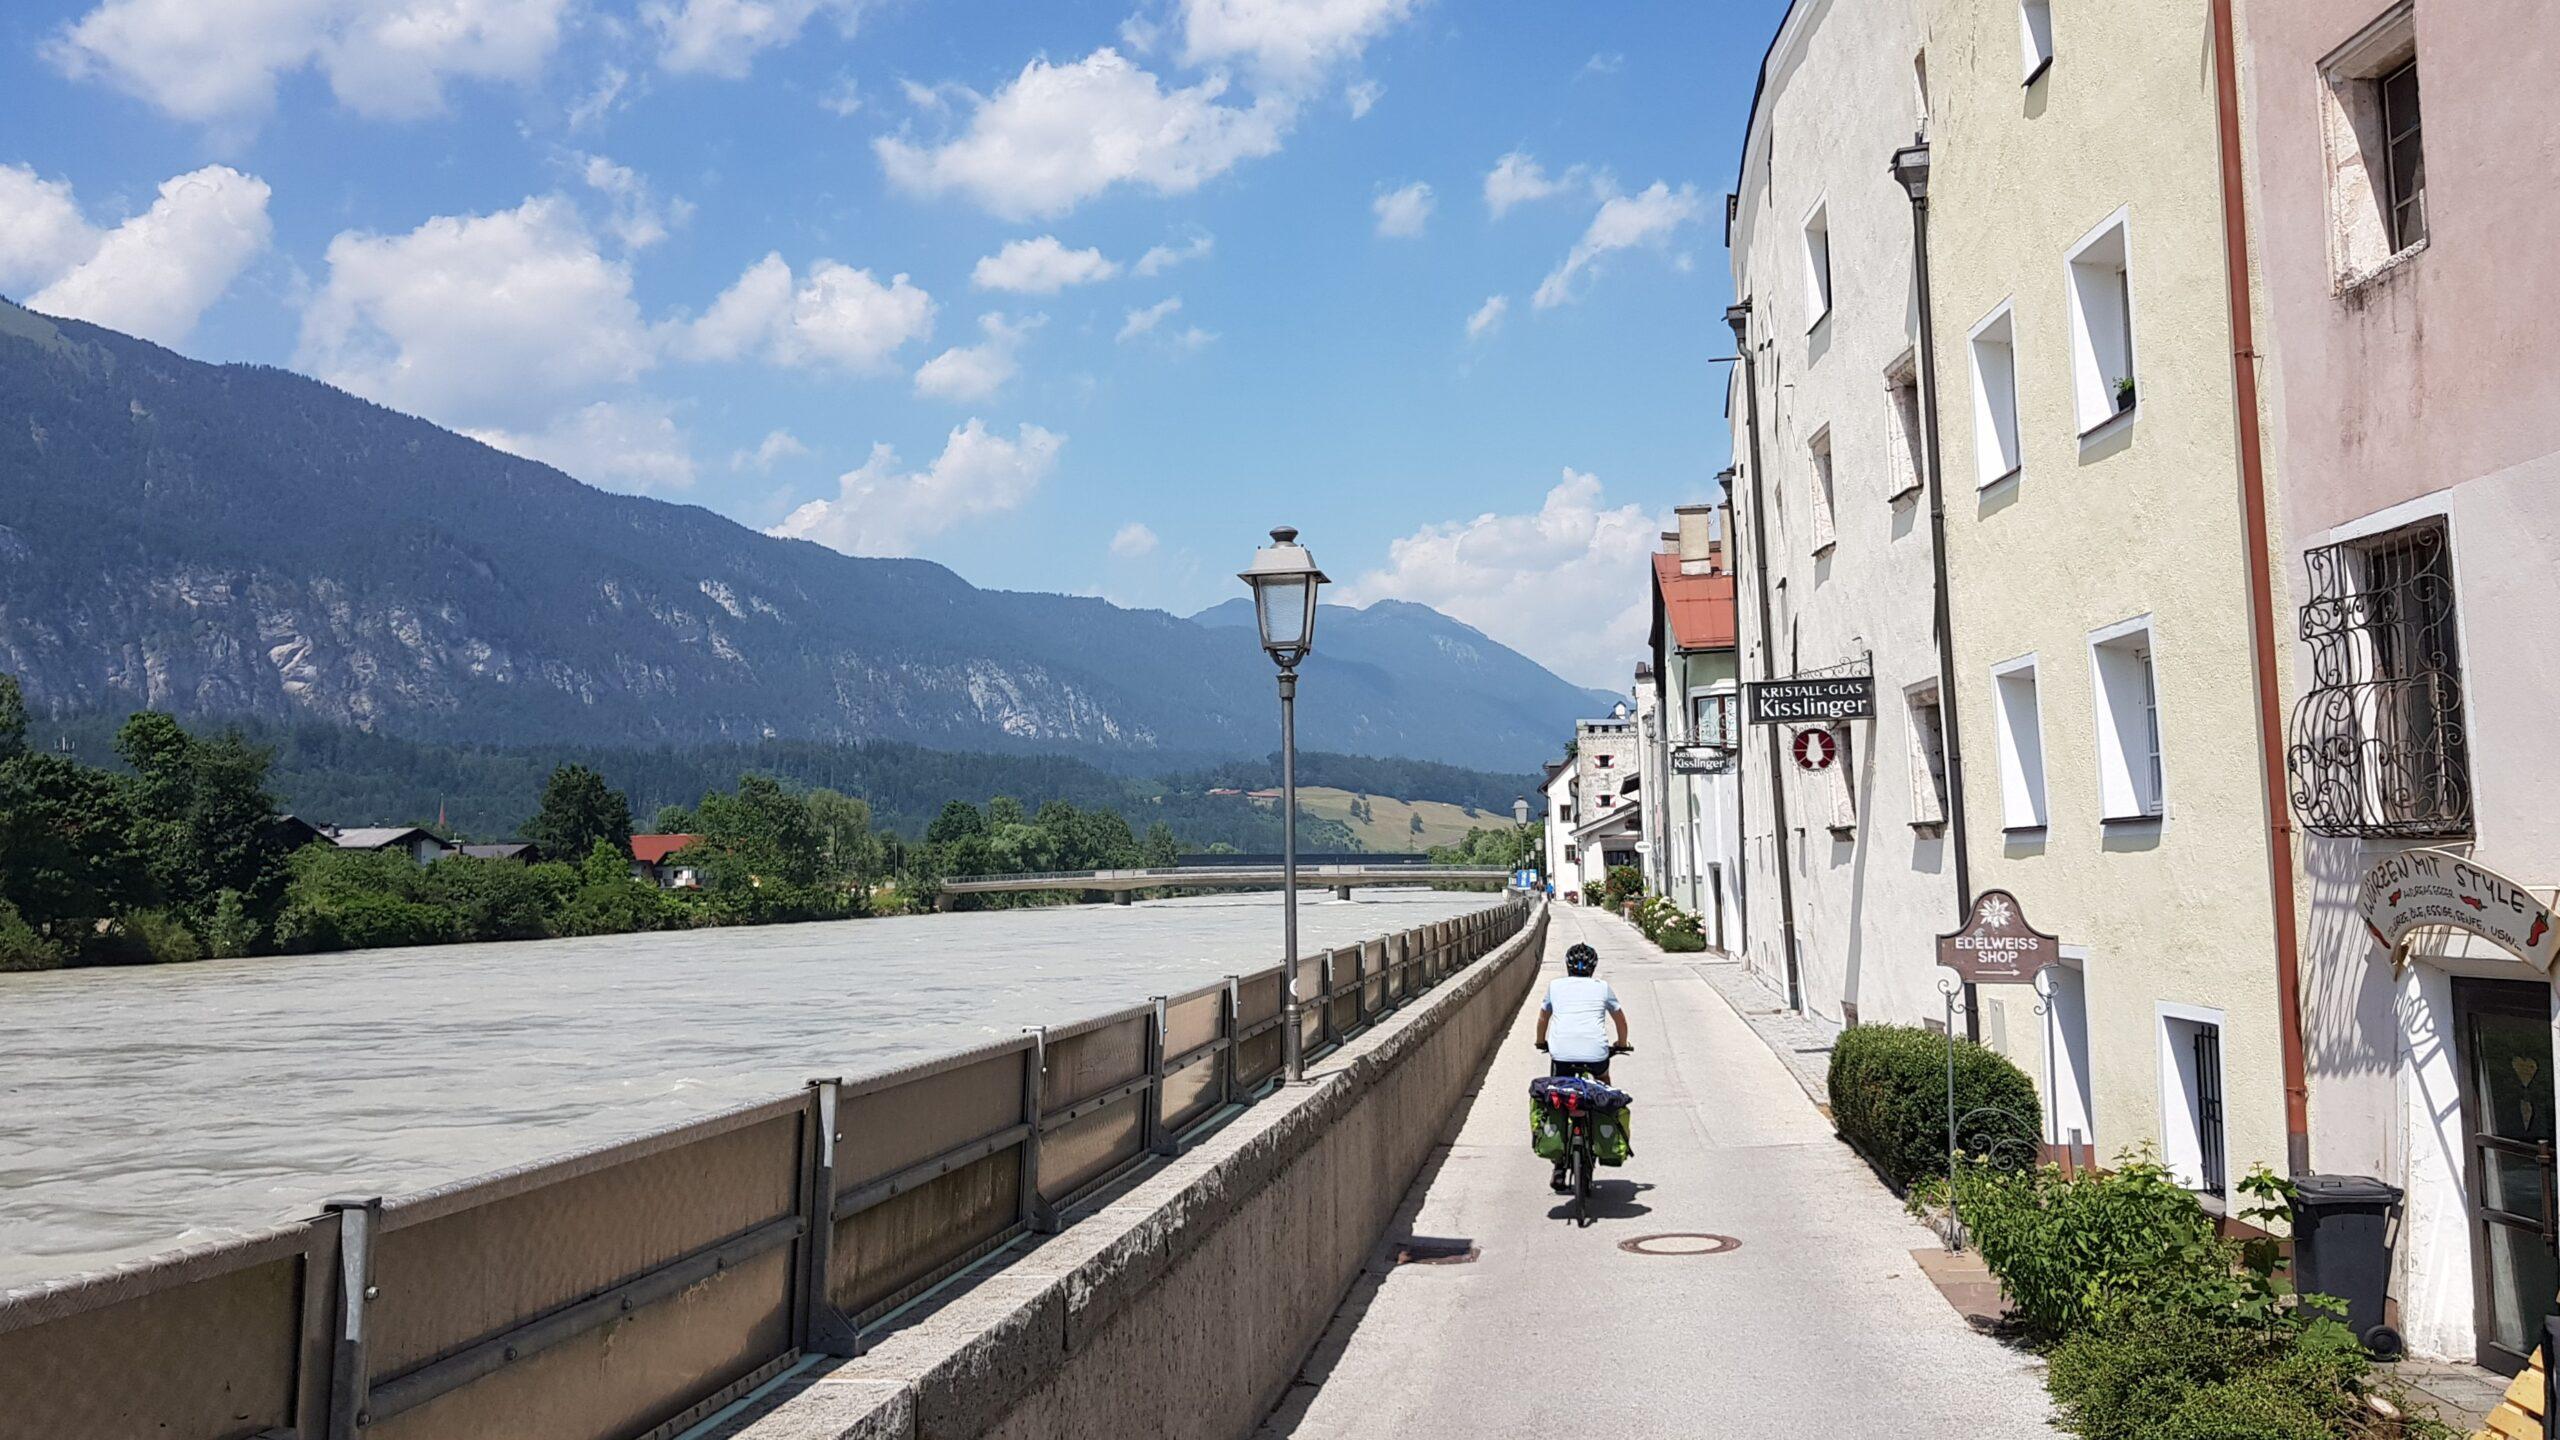 Rowerem przez Austrię, wyprawy rowerowe wzdłuż rzek